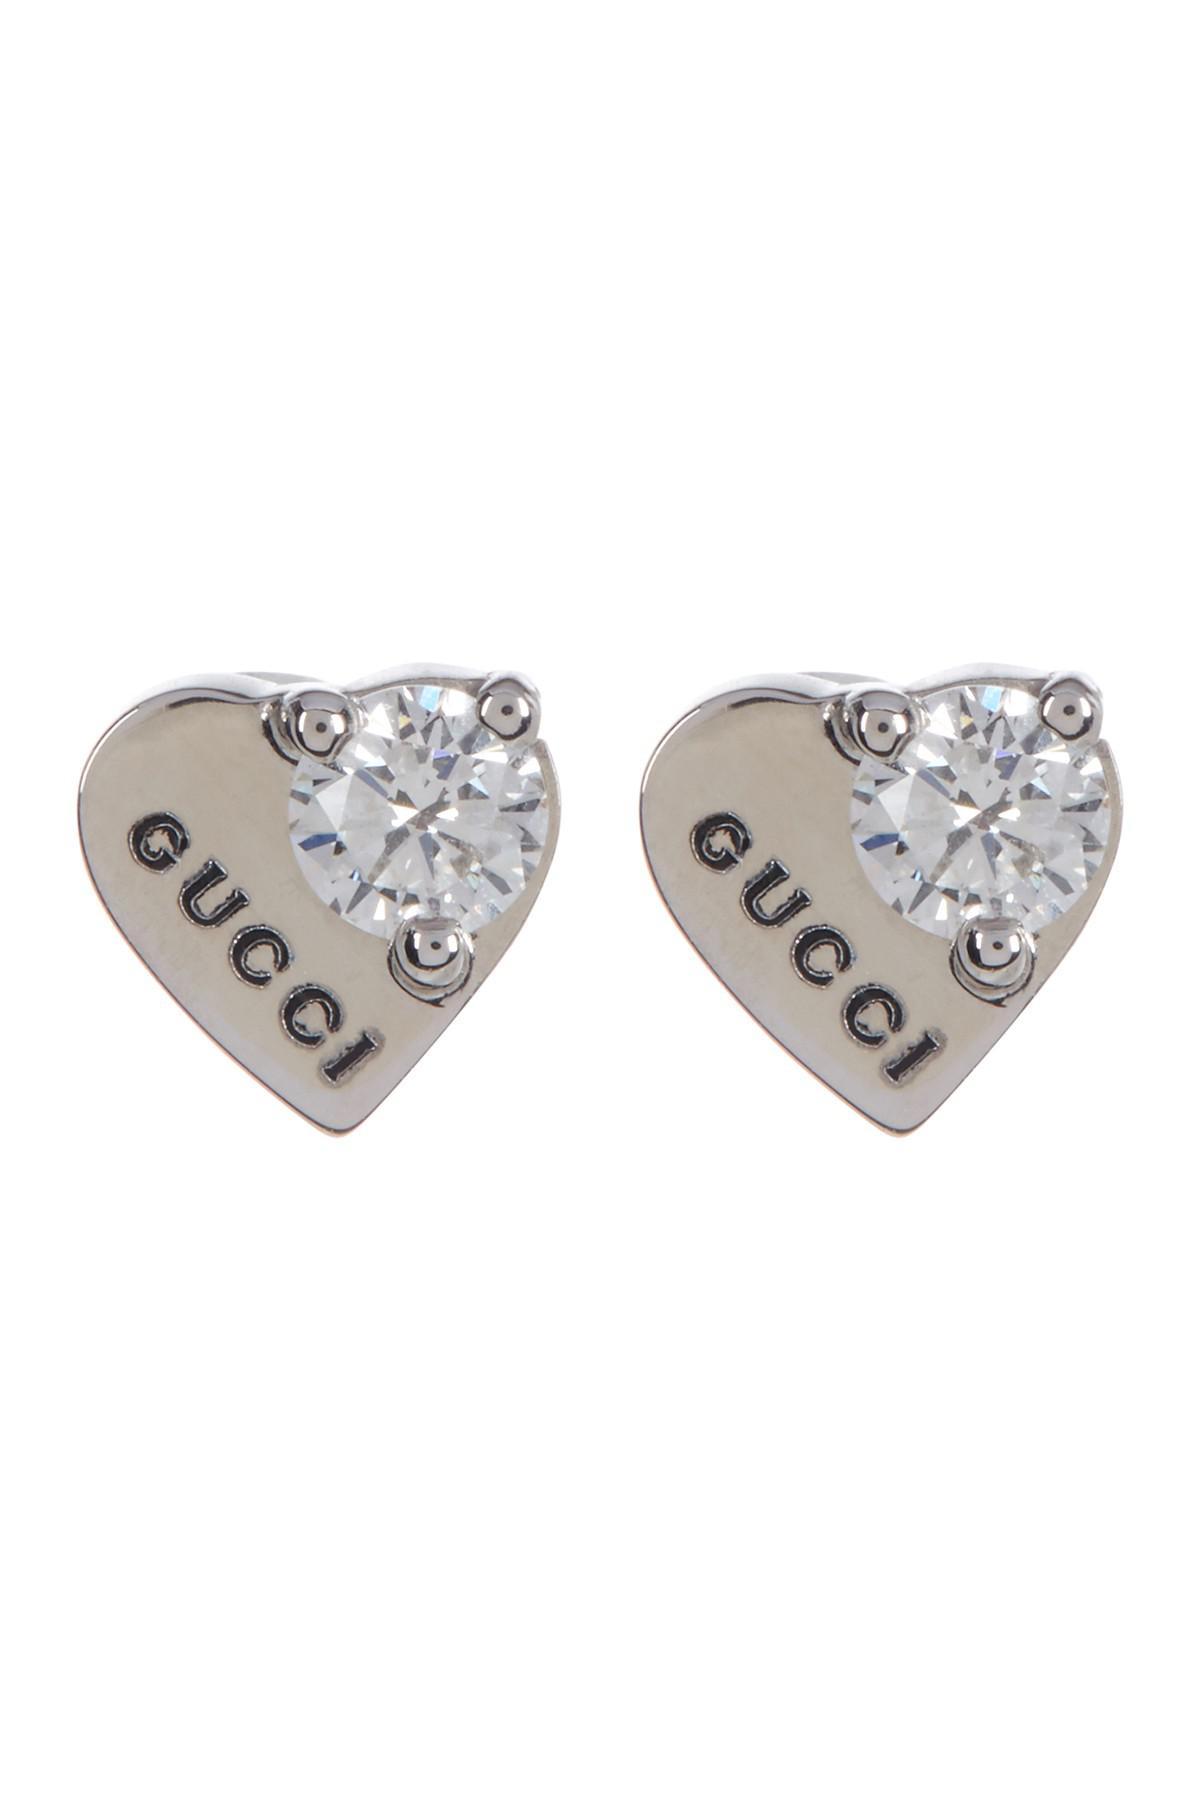 White Gold Diamond Stud Earrings Uk